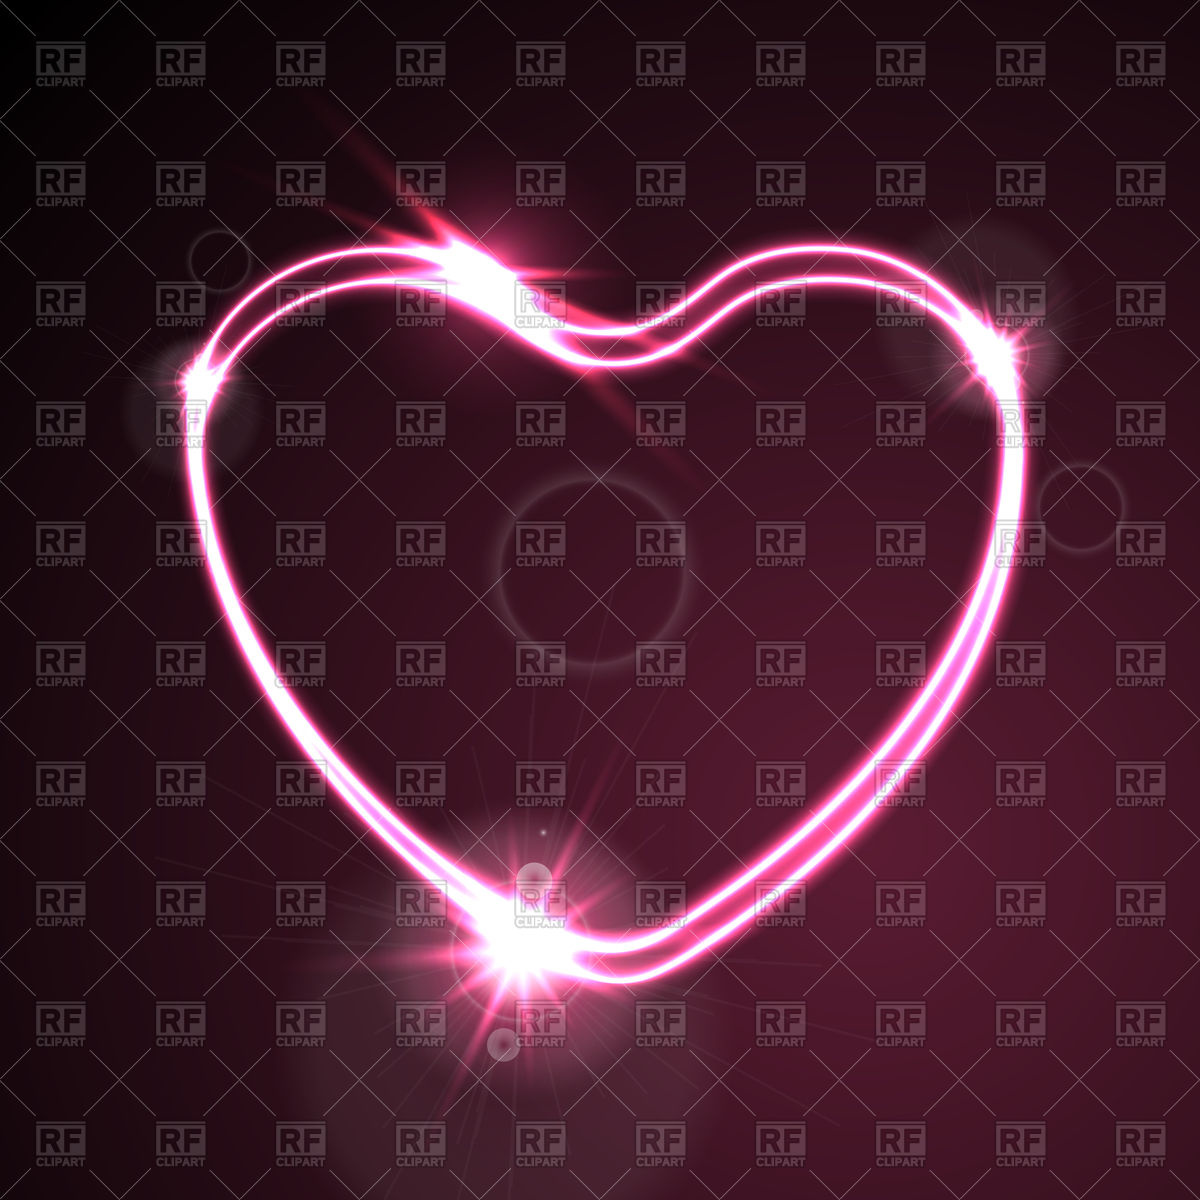 1200x1200 Dark Pink Heart Glowing Neon Effect Background Vector Image